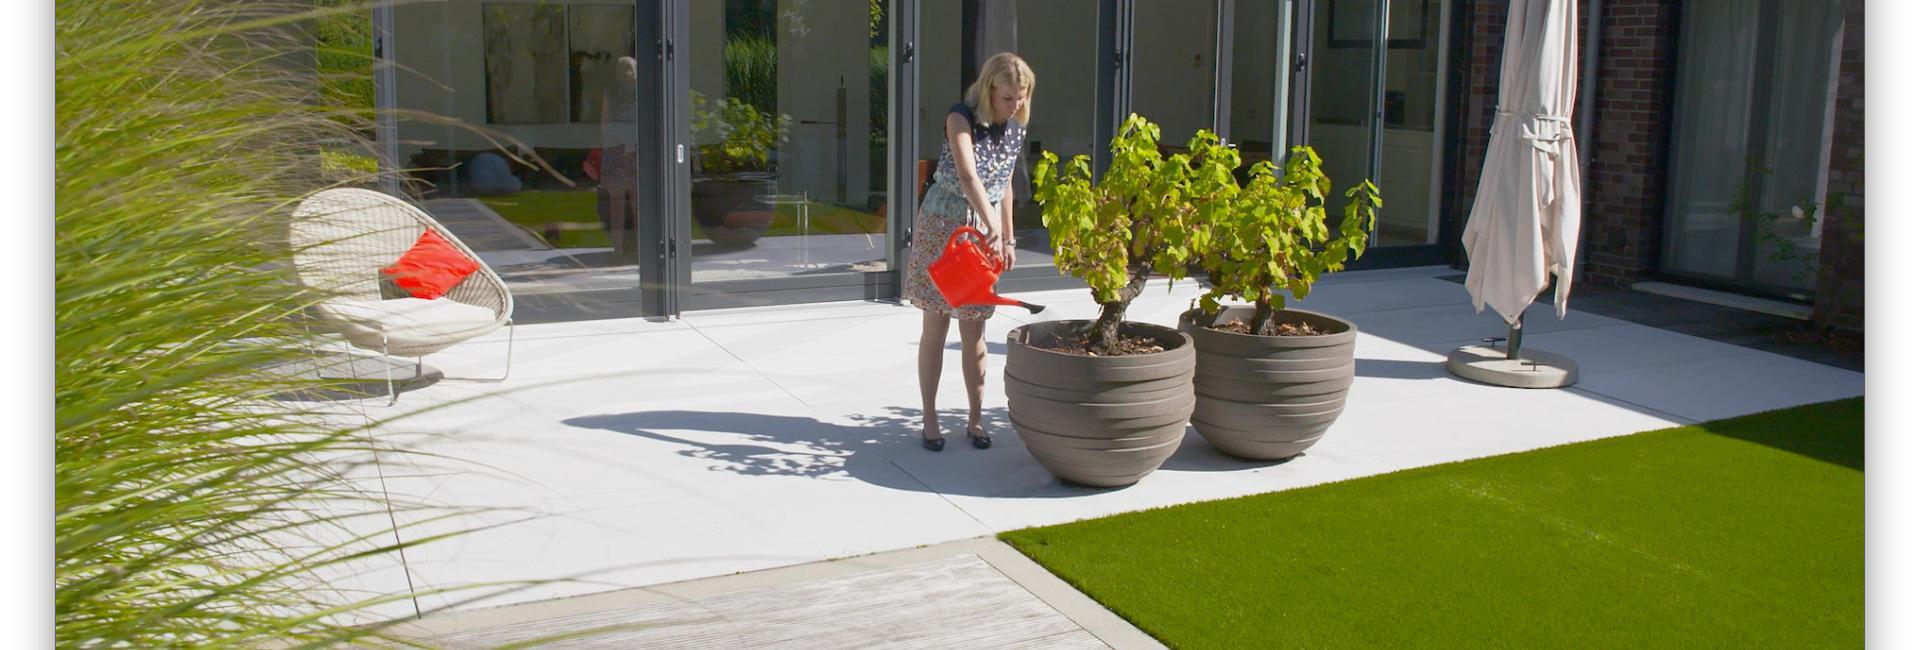 beton legosteine selber machen betonsteine. Black Bedroom Furniture Sets. Home Design Ideas